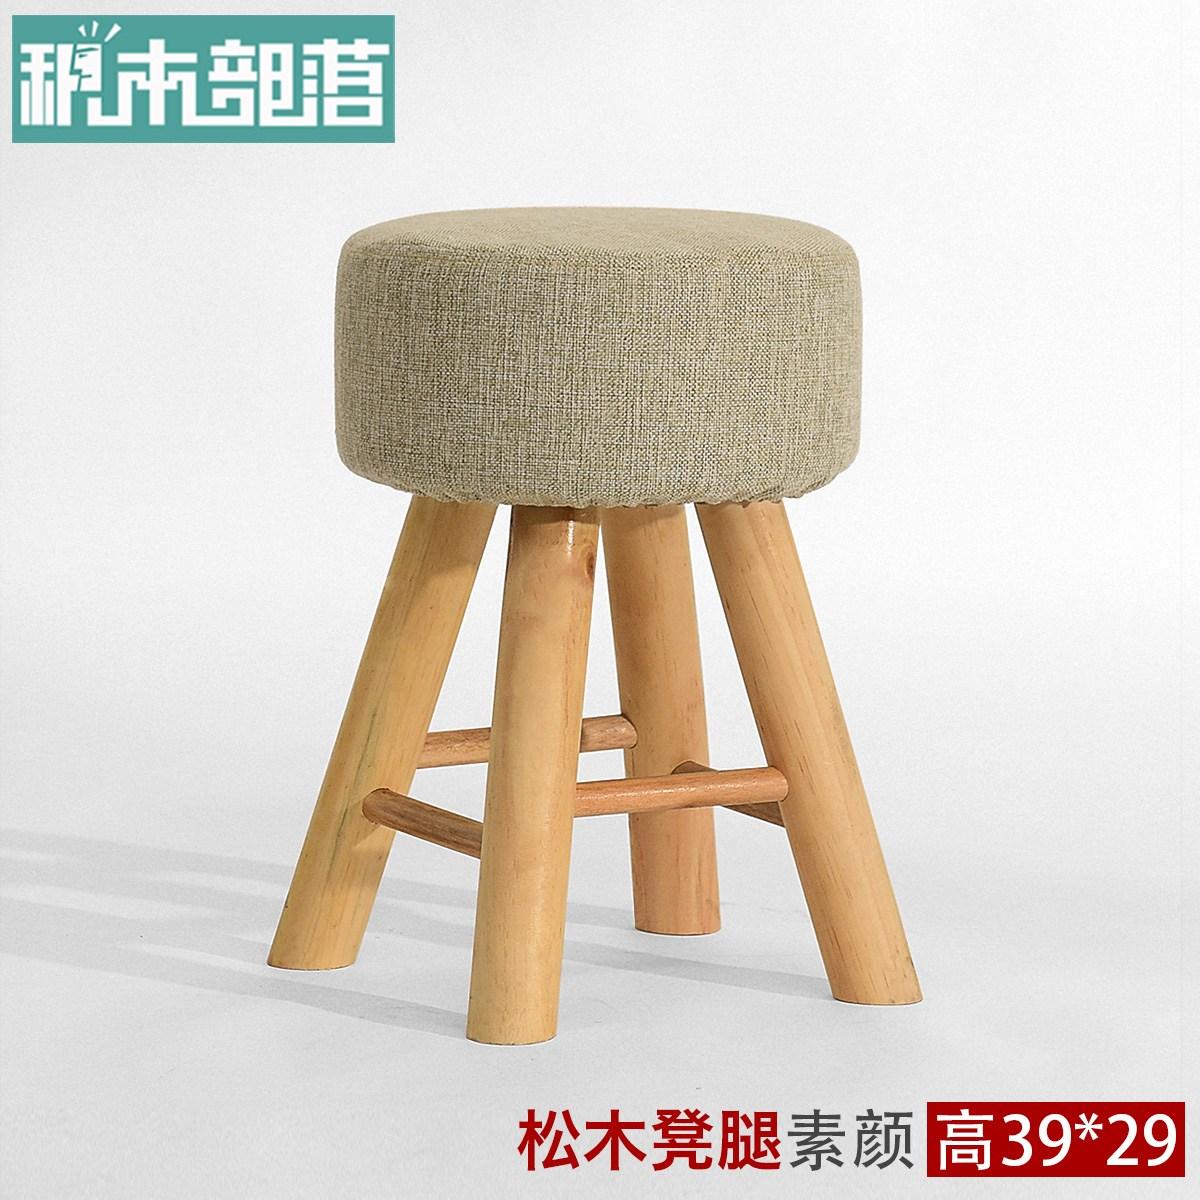 스툴 쌓기놀이 부락 아이디어 원목 등받이없는식탁의자 사각의자 패브릭 화장대의자 패션 가정용 의자, T01-소나무 하이스툴-생얼